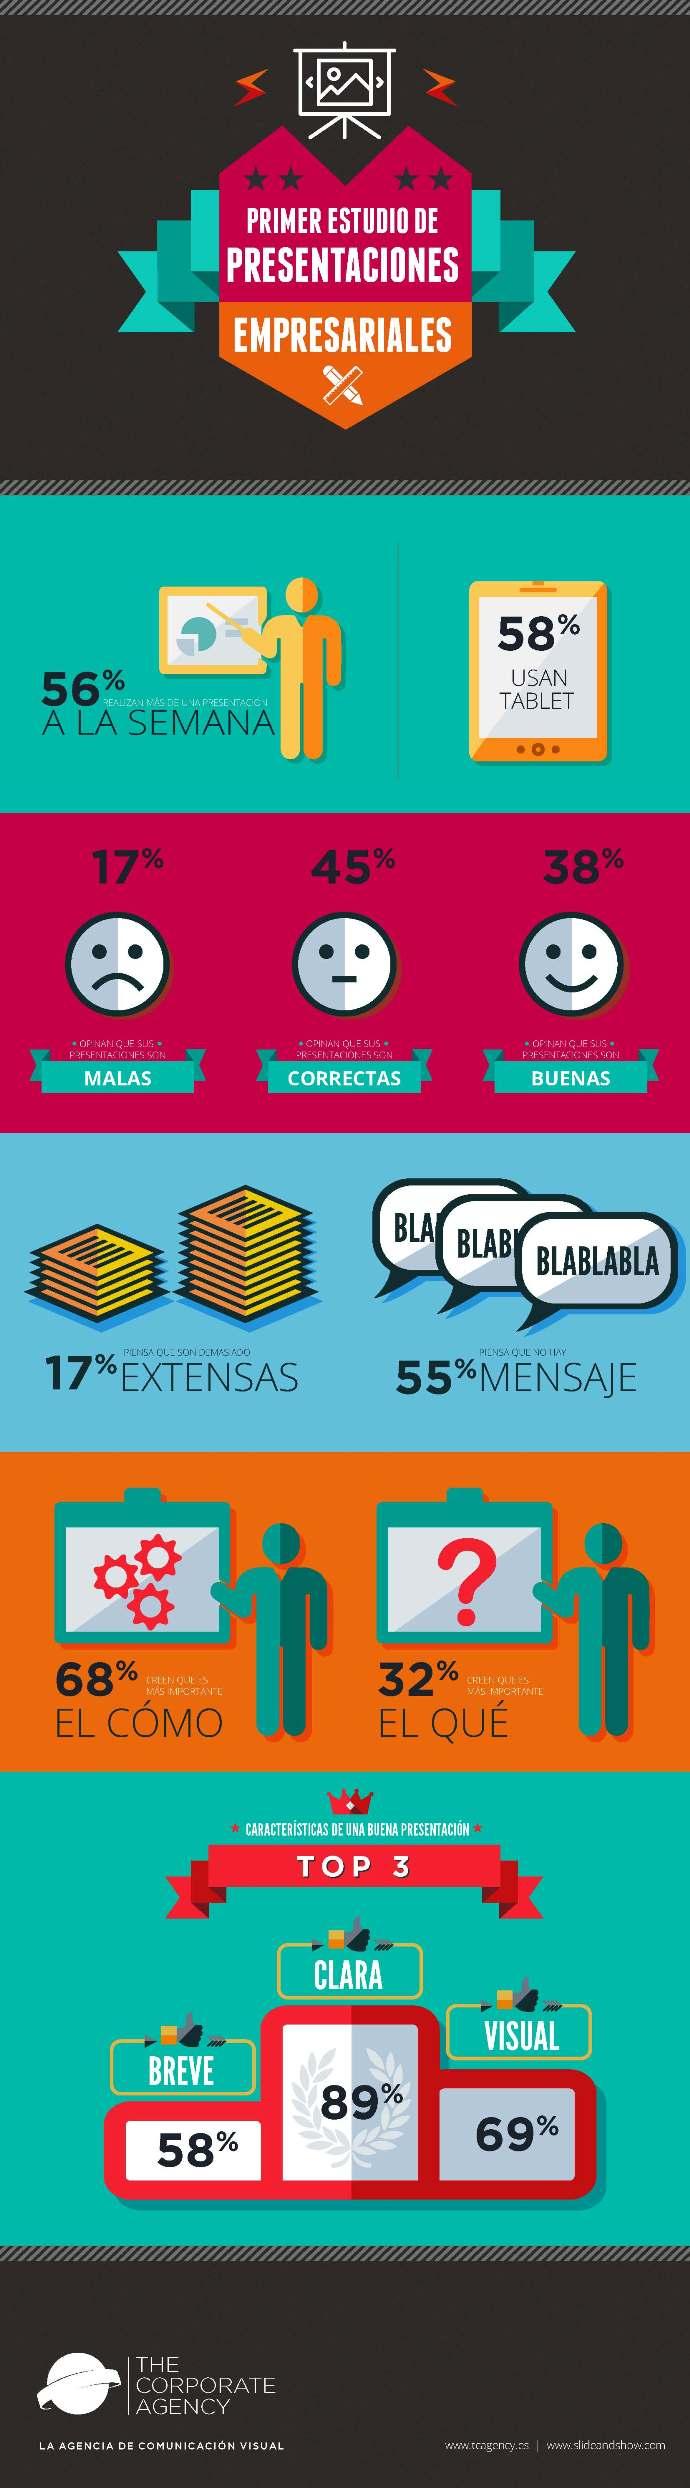 Presentaciones_Empresariales_2